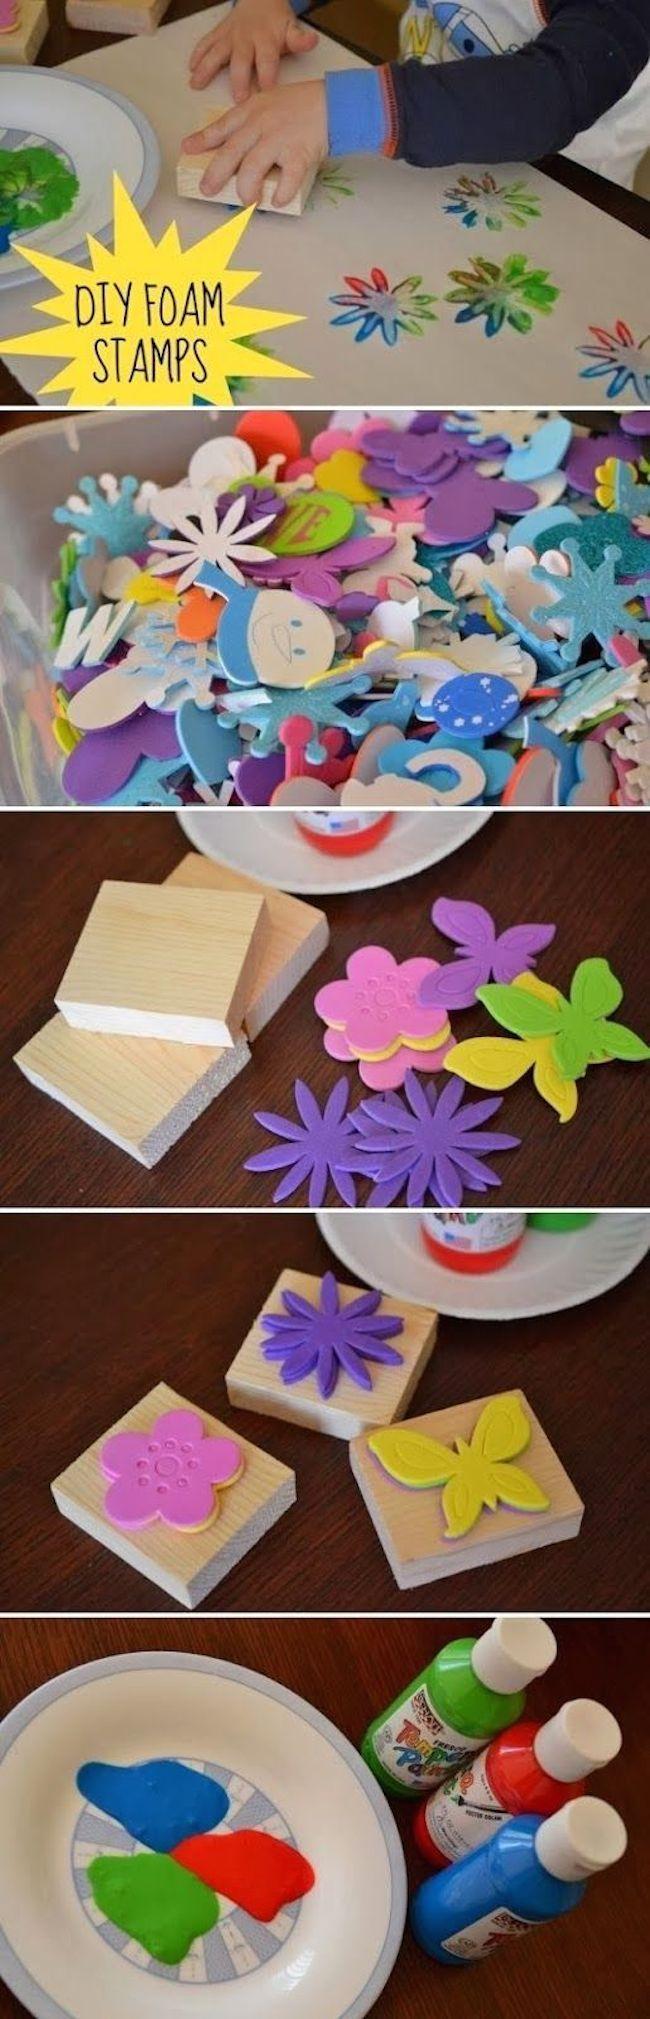 Cómo hacer sellos caseros con goma eva  #manualidades #diy #sellos #gomaeva #foamy #handmade #crafts